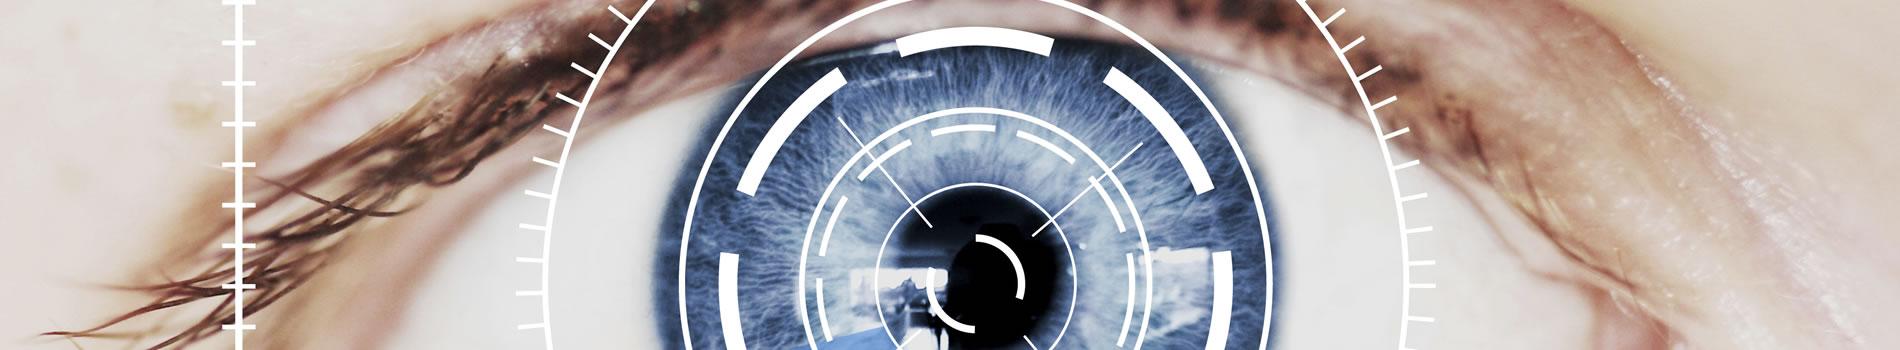 øjne informationer